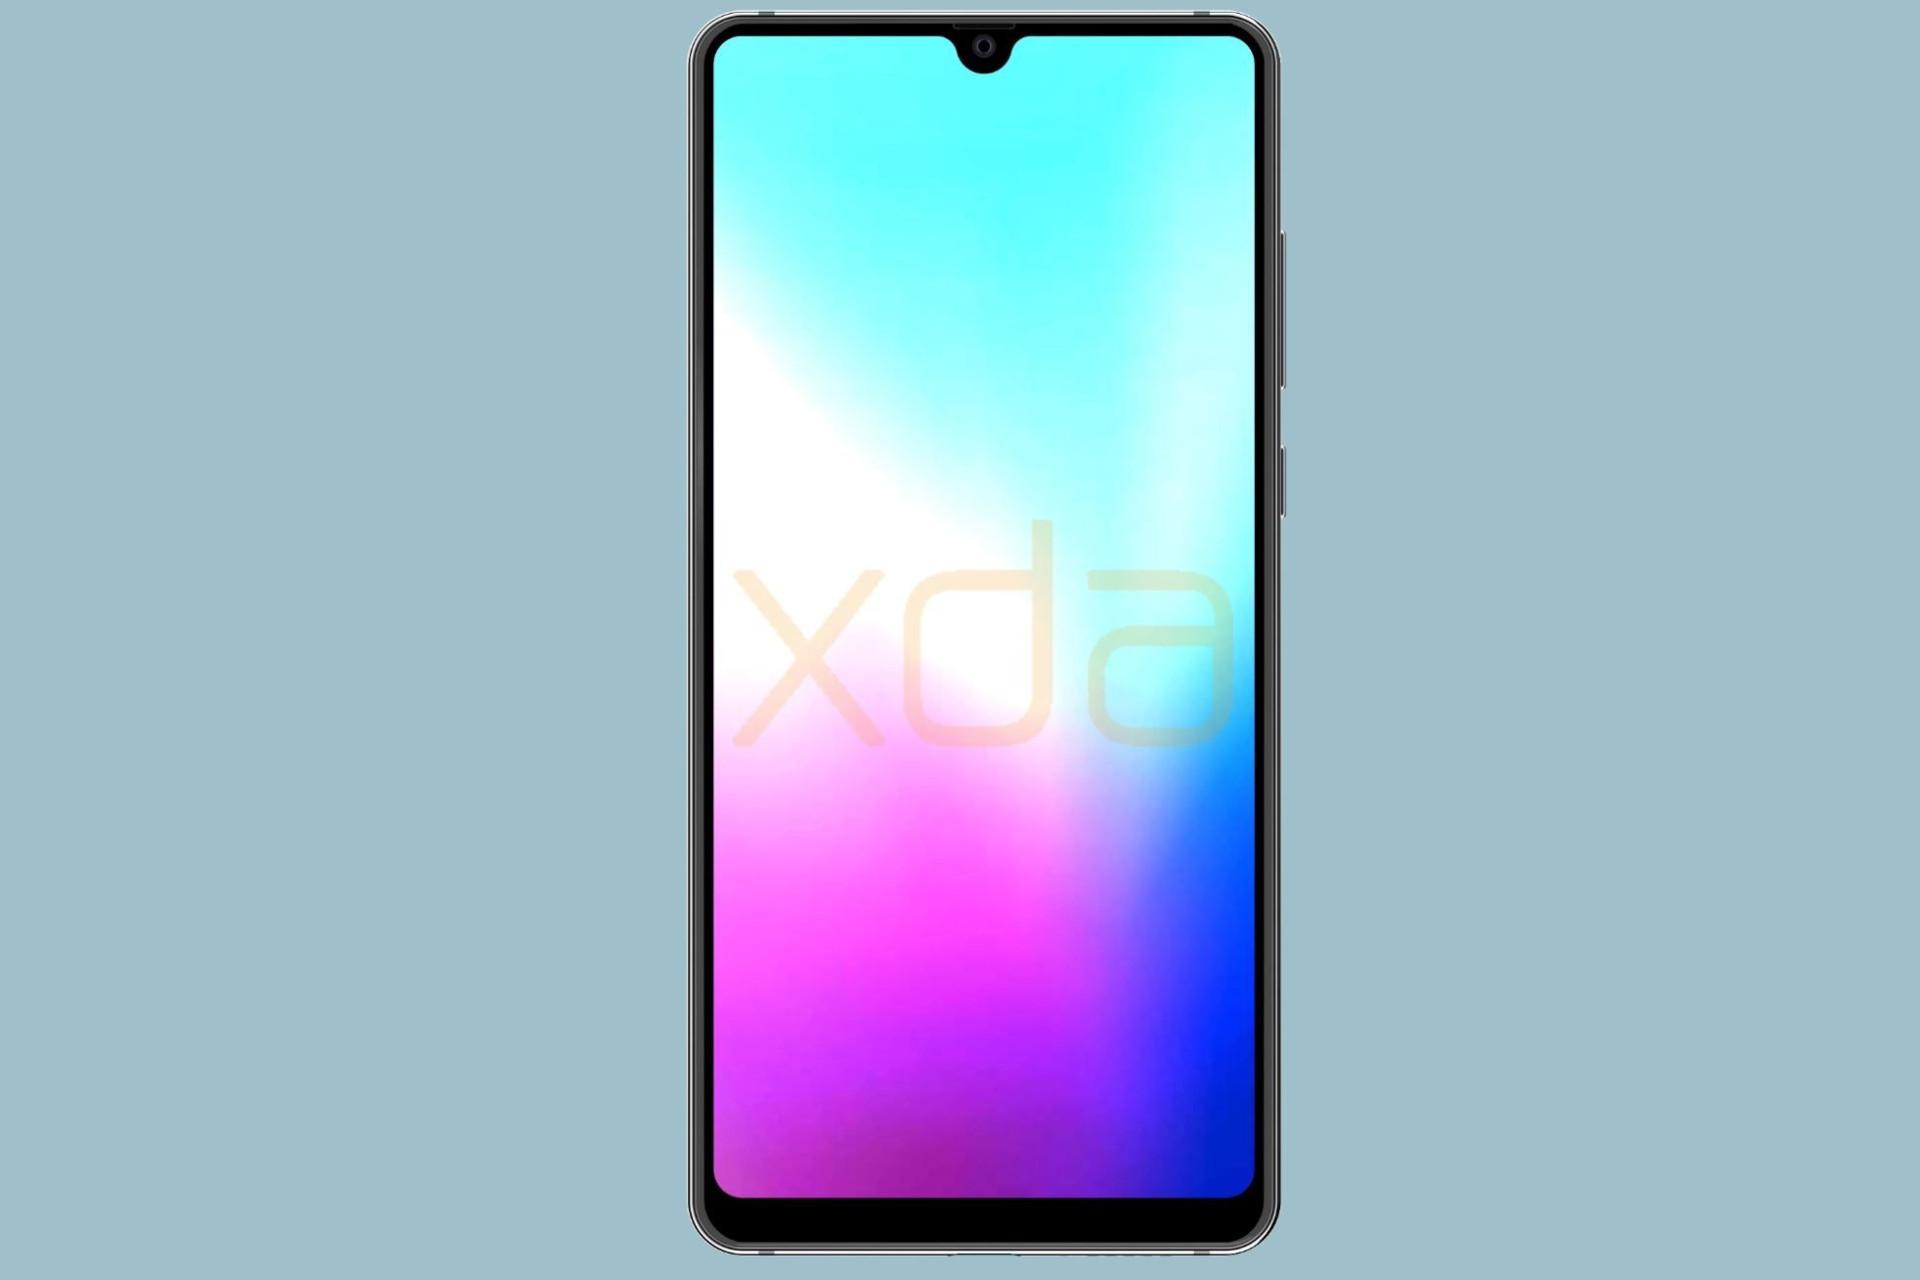 Serão estas as primeiras imagens do novo topo de gama da Huawei?